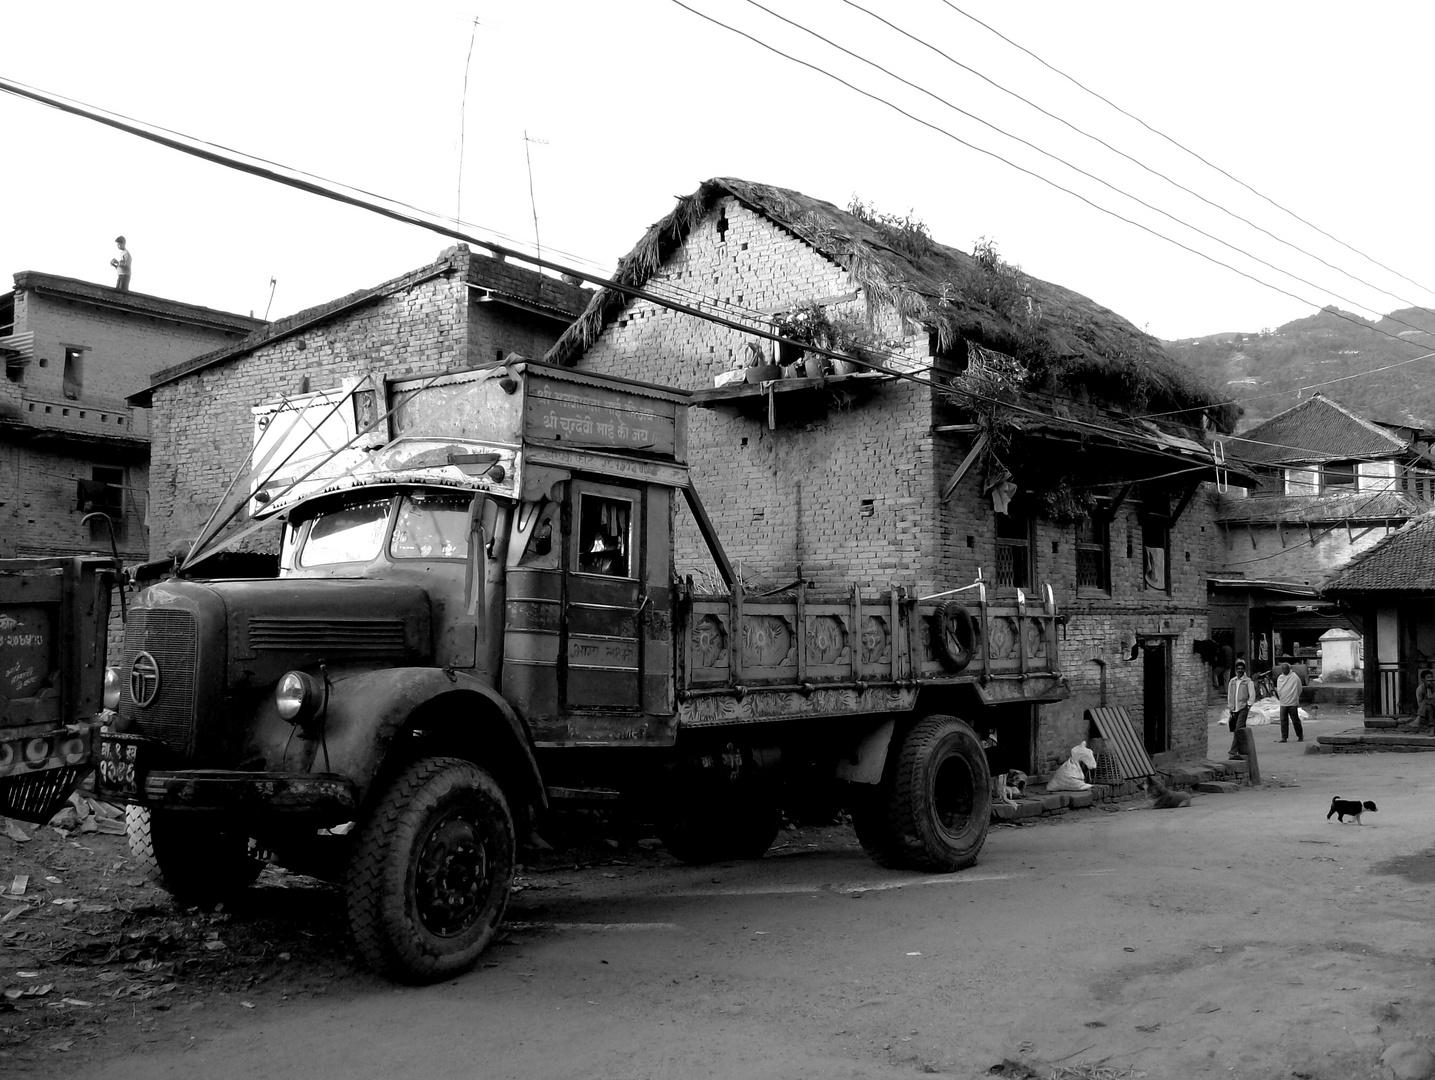 ramshackle old vehicle in Sankhu/ Kathmandu